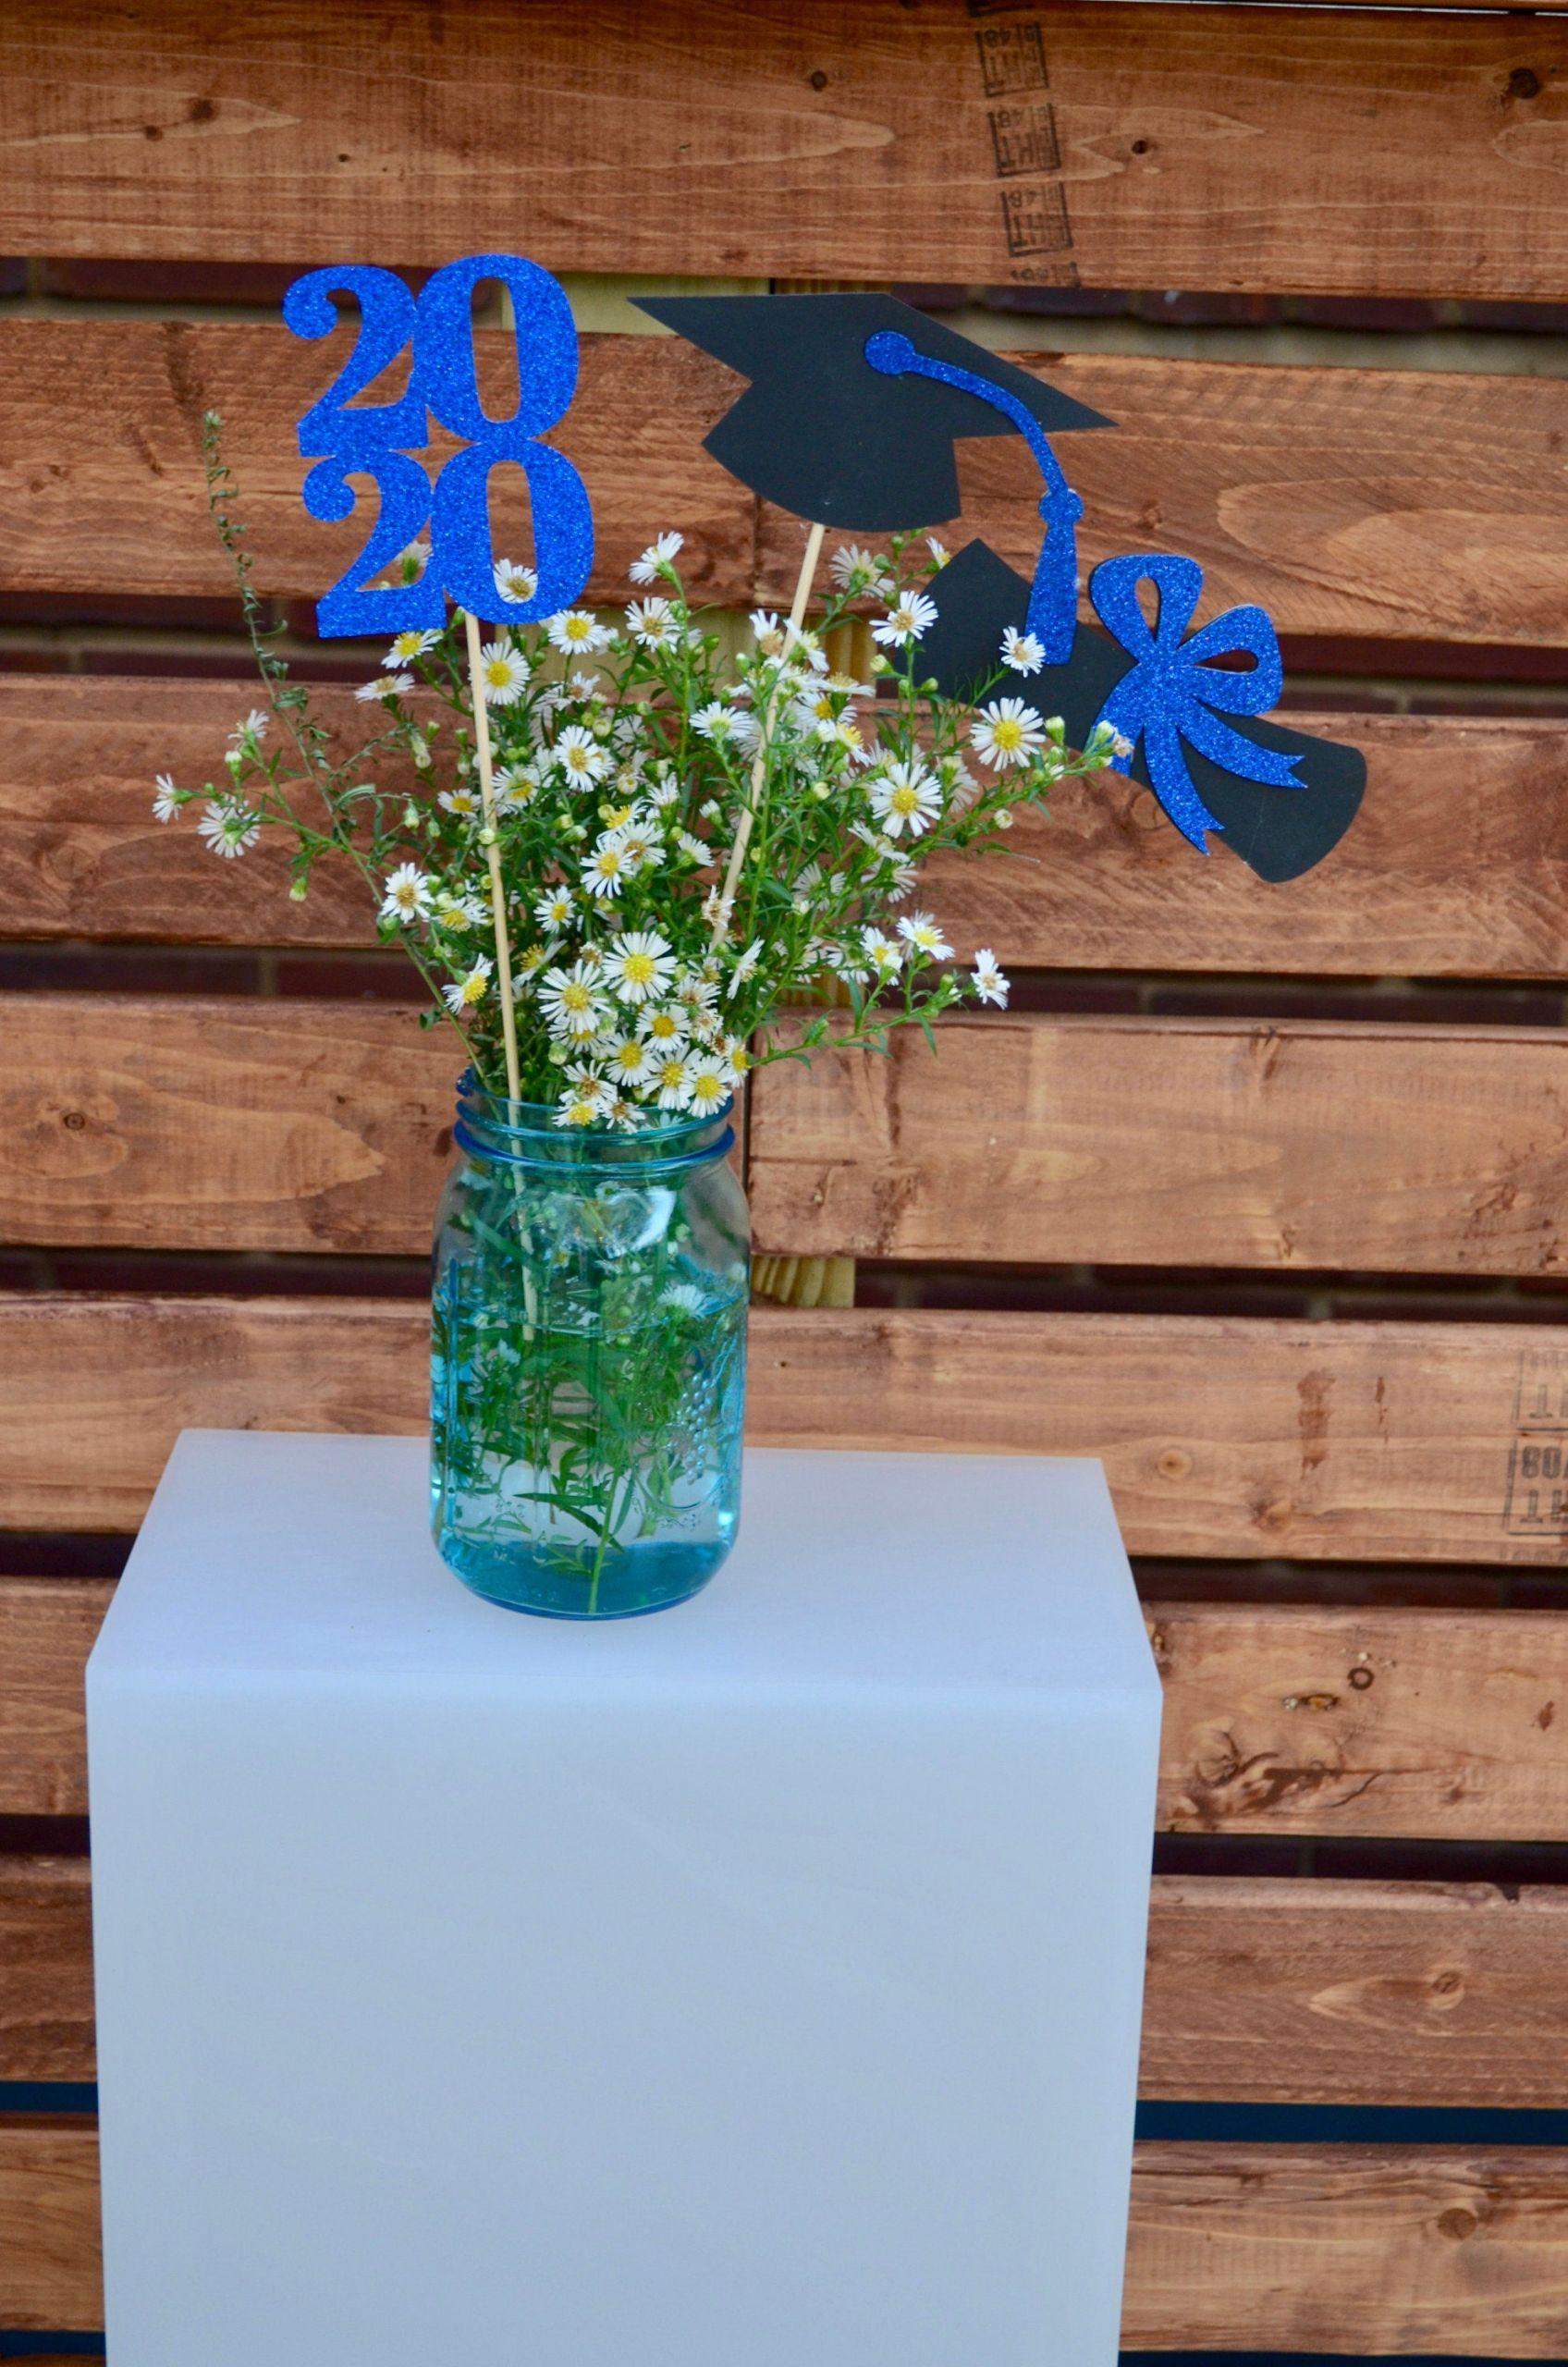 2020 Graduation Party Ideas  Graduation party decorations 2020 Graduation Centerpiece